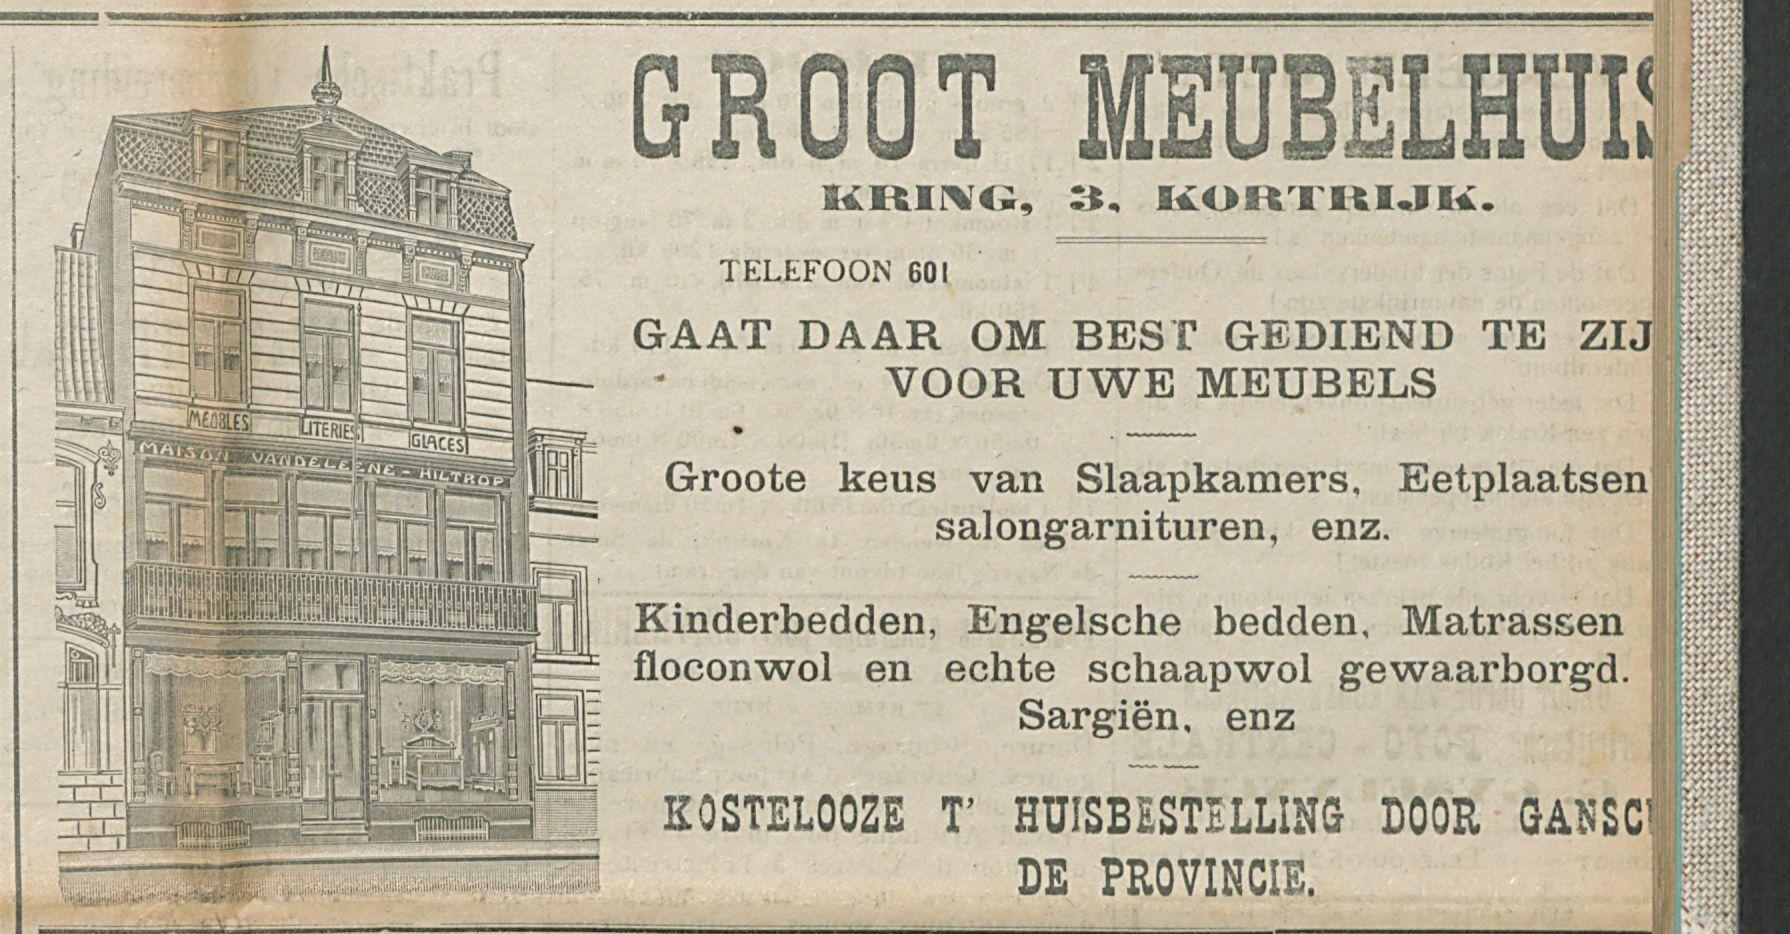 GROOT MEUBELHUIS